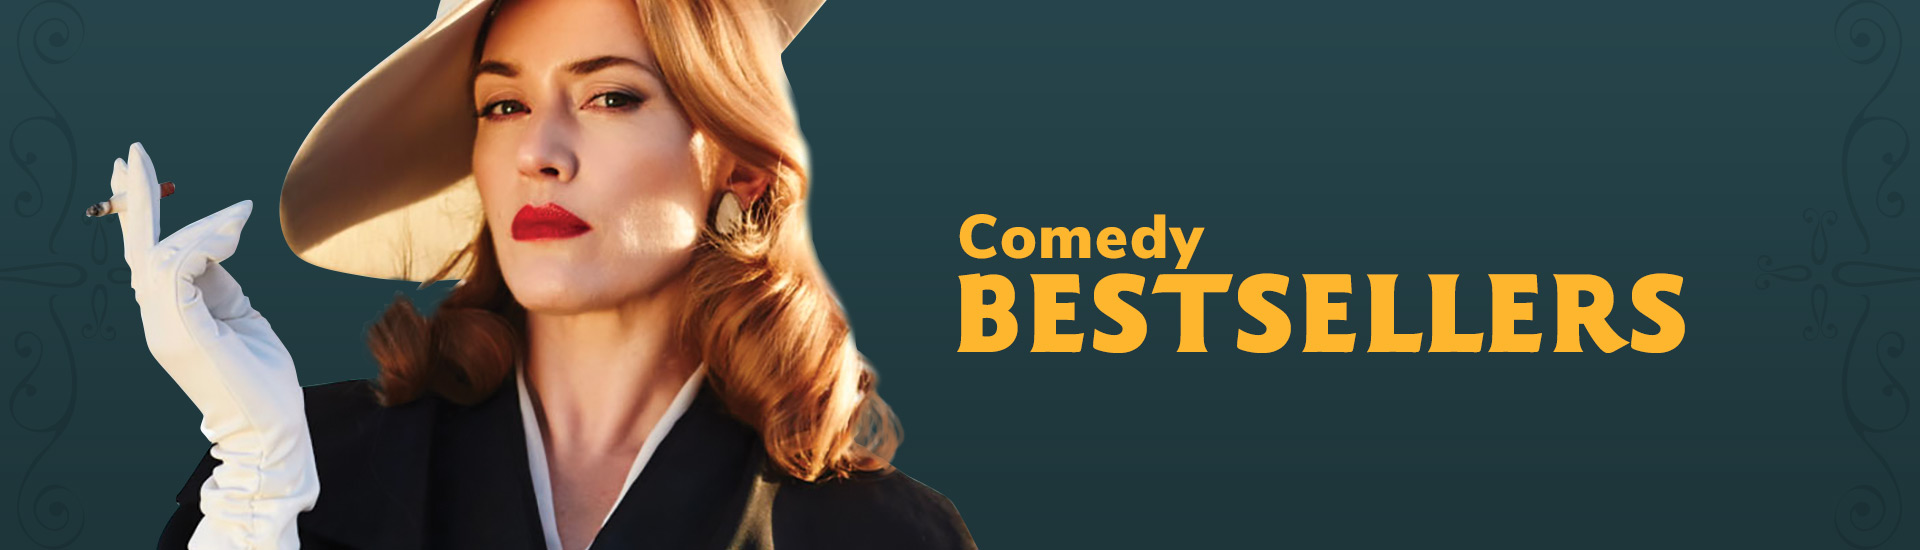 Comedy Bestsellers